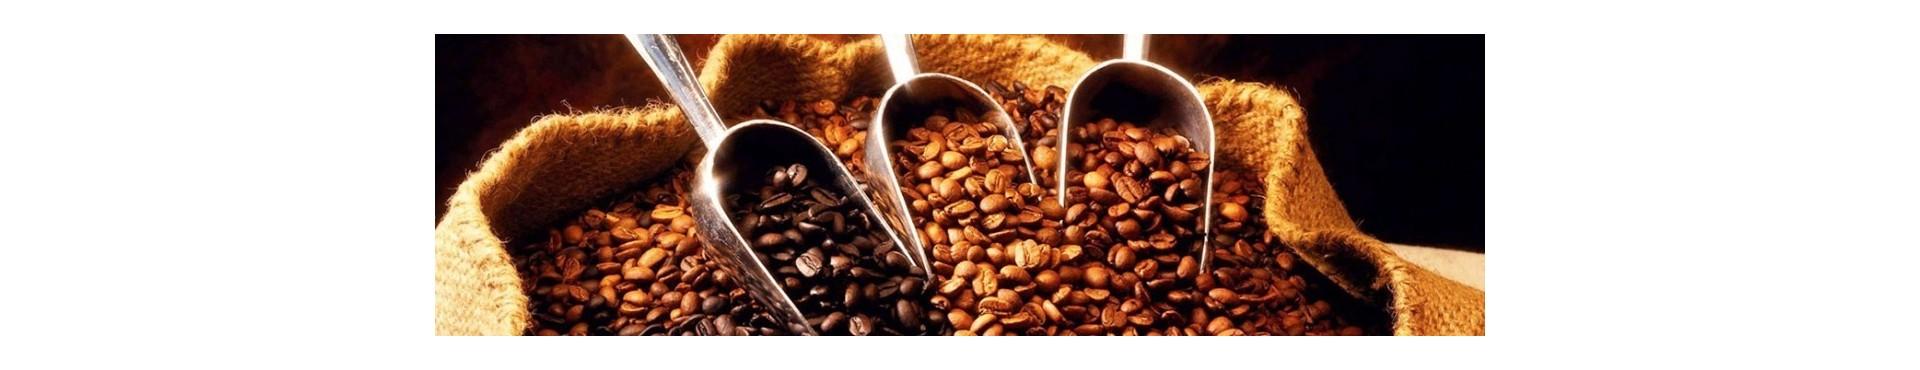 Cafe mezcla de origenes